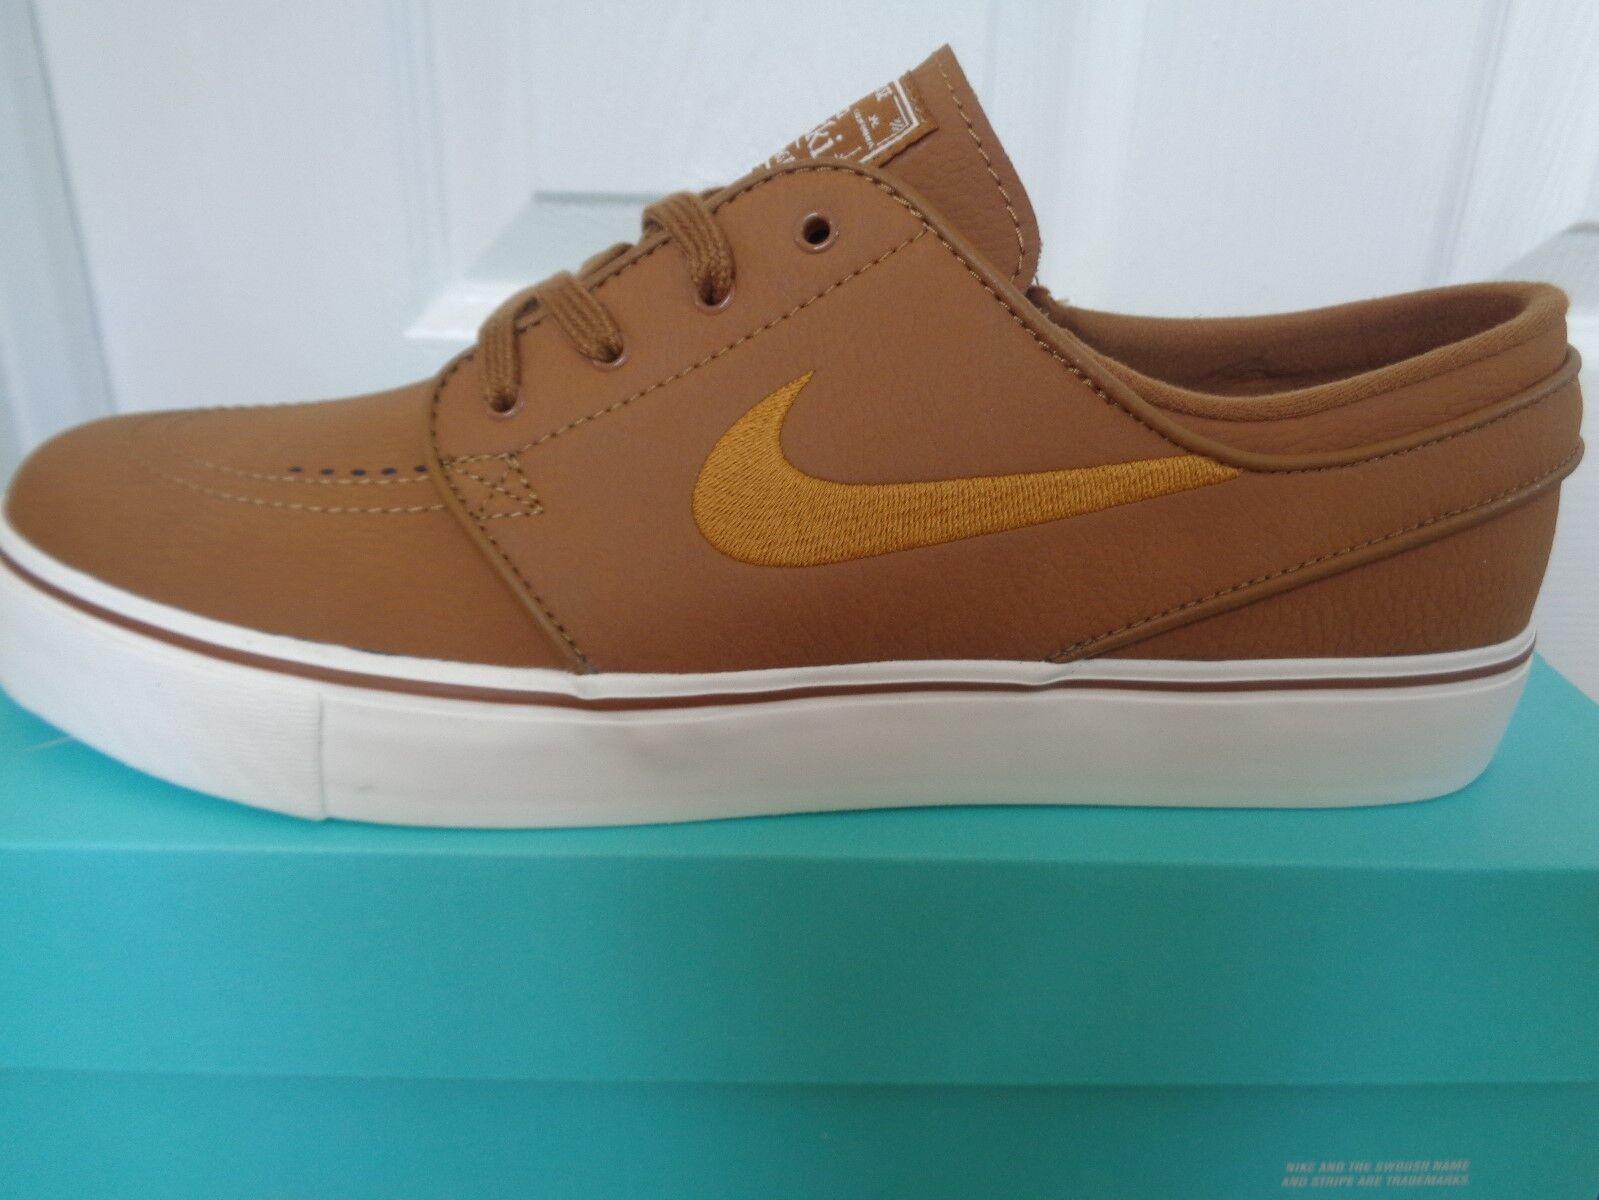 Nike Zoom Stefan Janoski l EU Zapatillas Sneakers 616490 271 EU l 42 US 8,5 nueva el mas popular de zapatos para hombres y mujeres 68bf4b